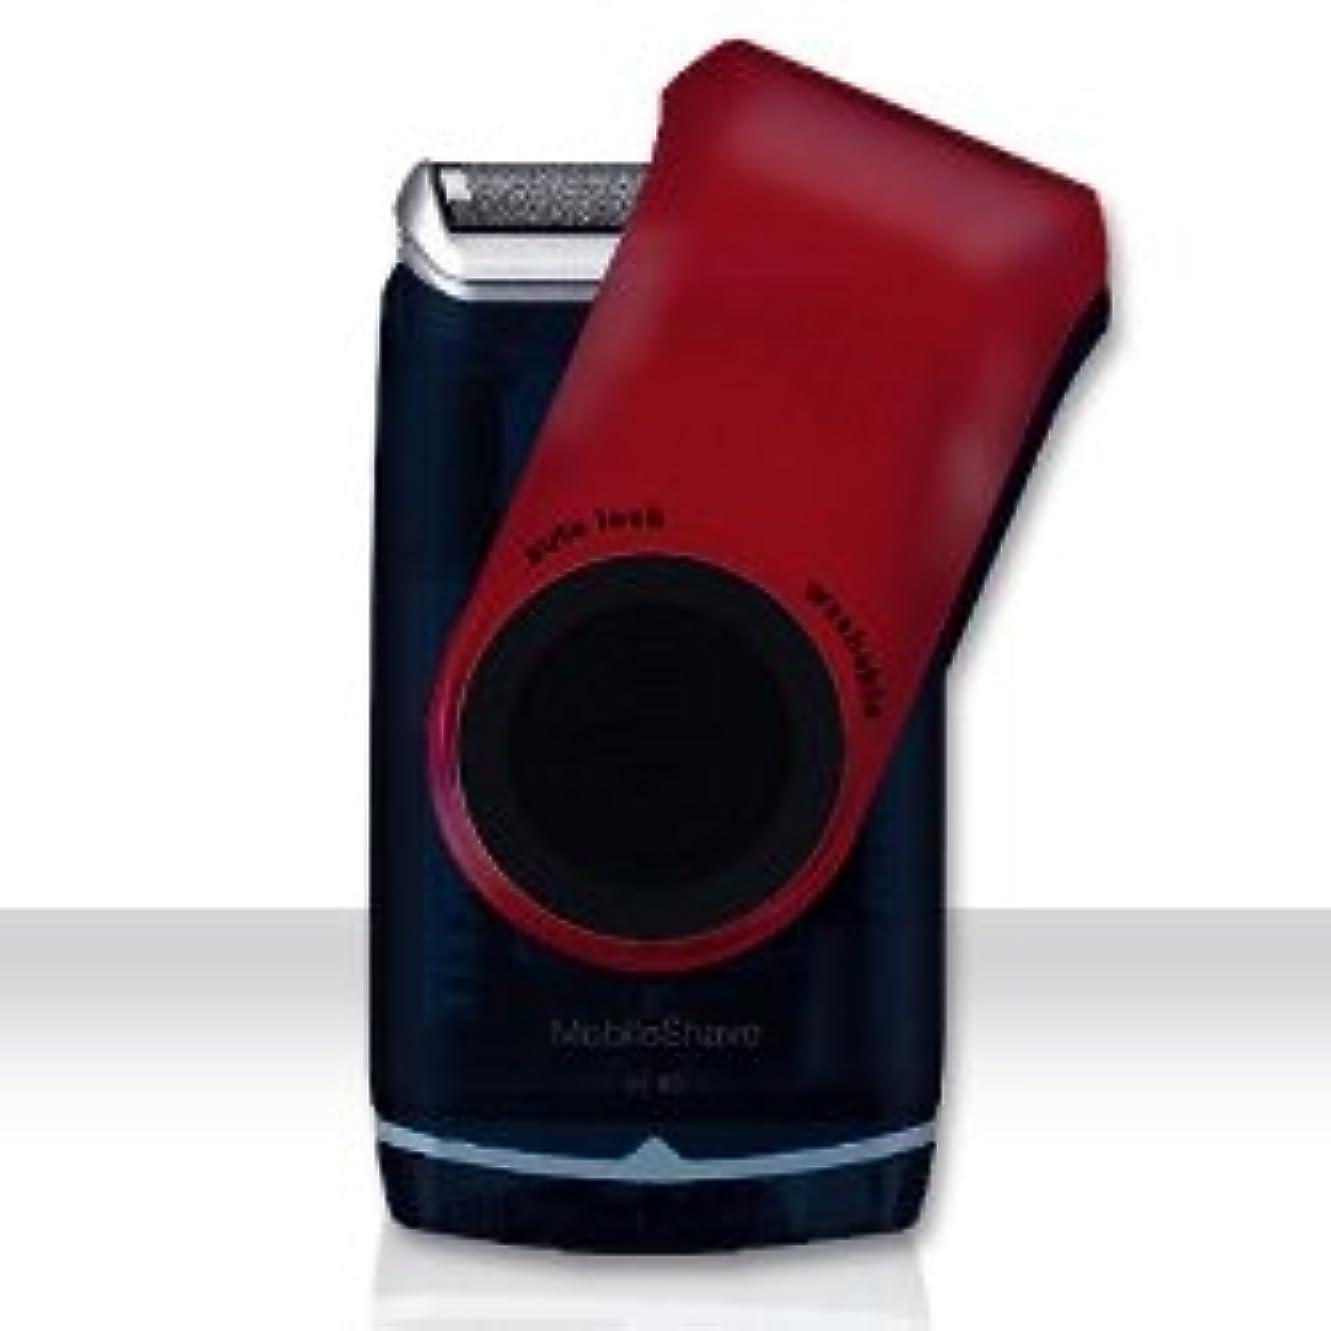 遺体安置所温度計ボトルネックブラウン モバイル ポケット シェーバー M60 赤 電池式 並行輸入品